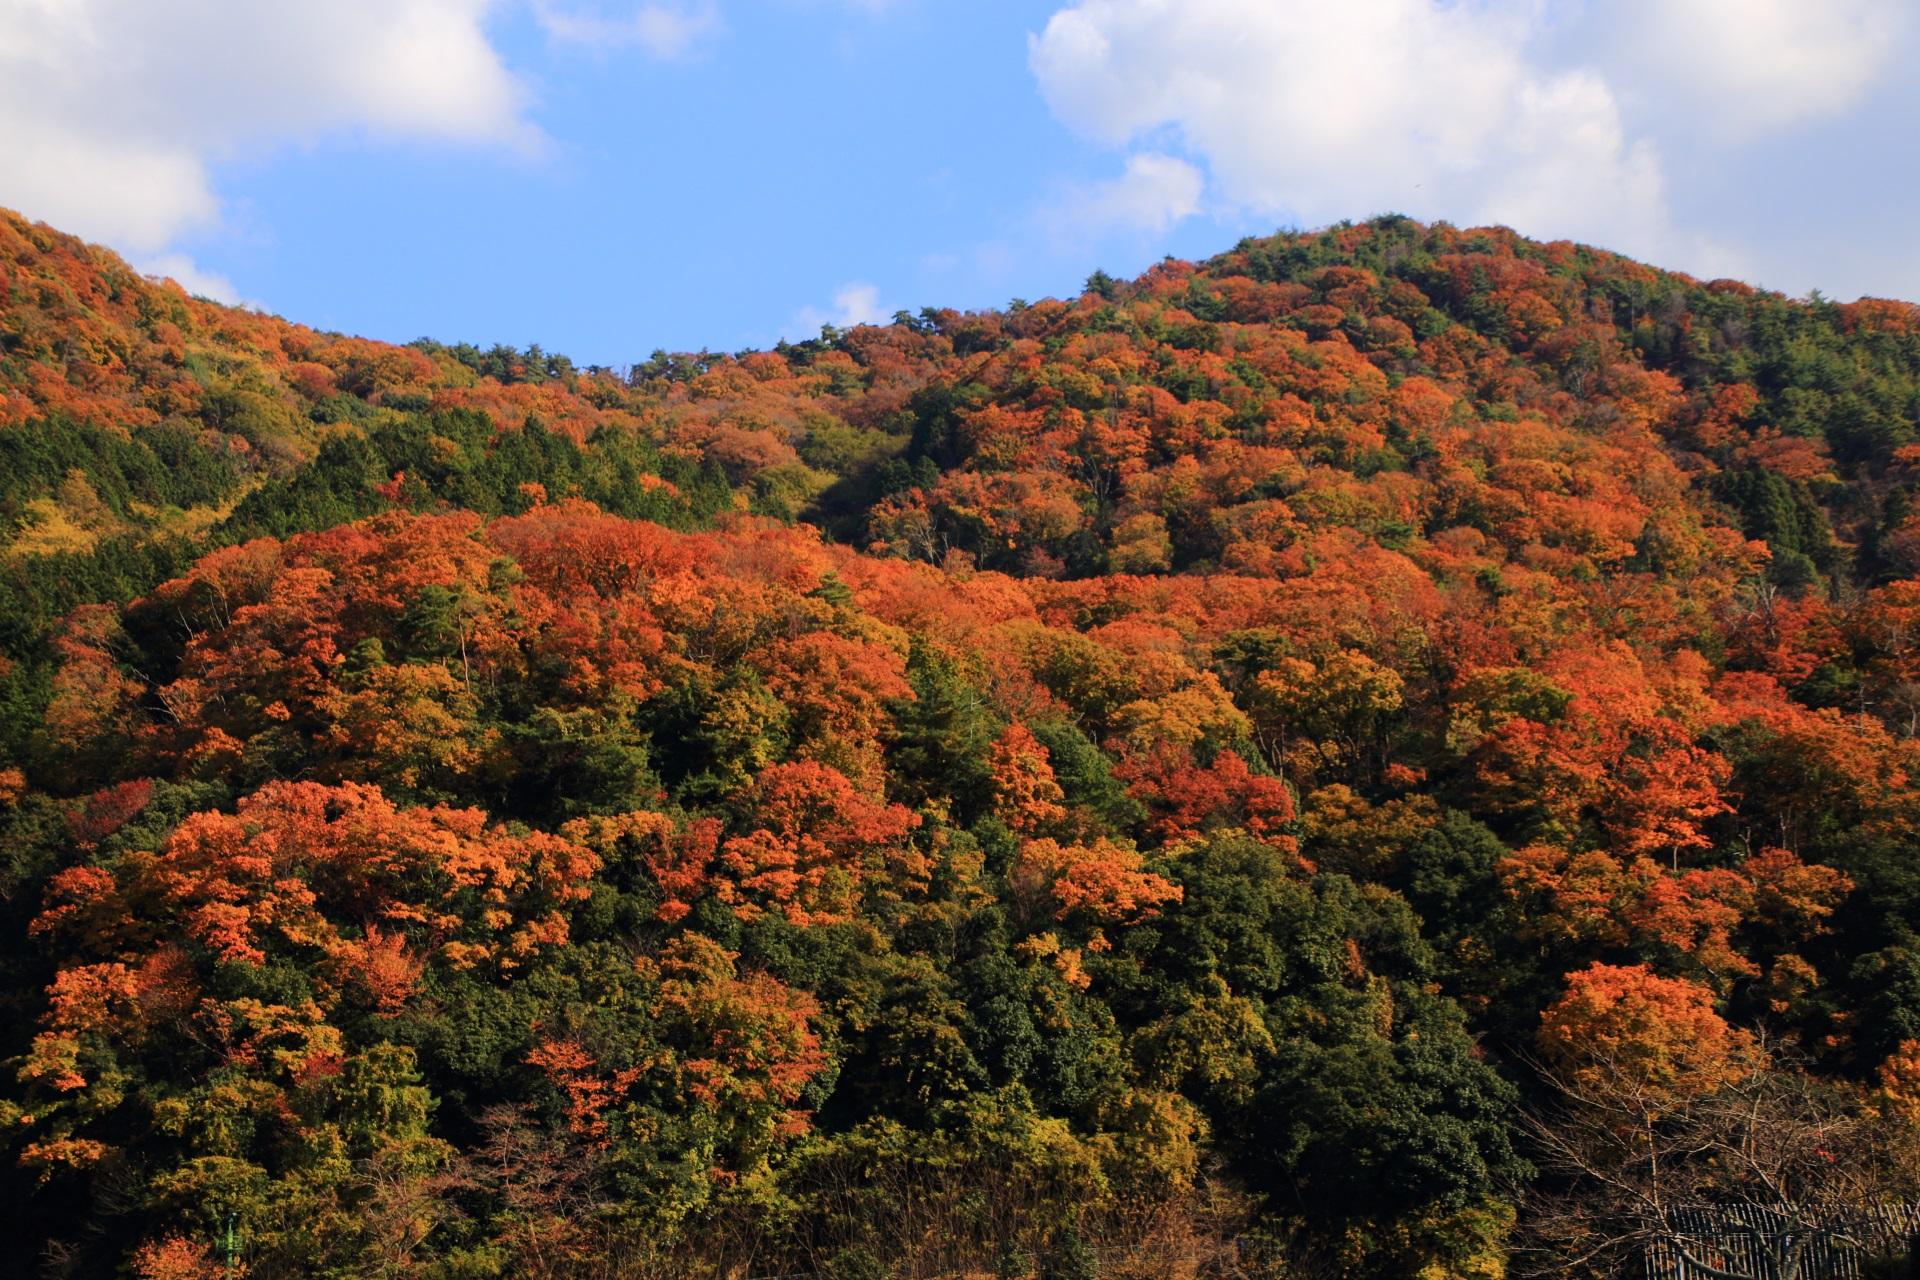 圧巻の秋色に染まった天ヶ瀬ダム背後の宇治槇尾山(まきおやま)